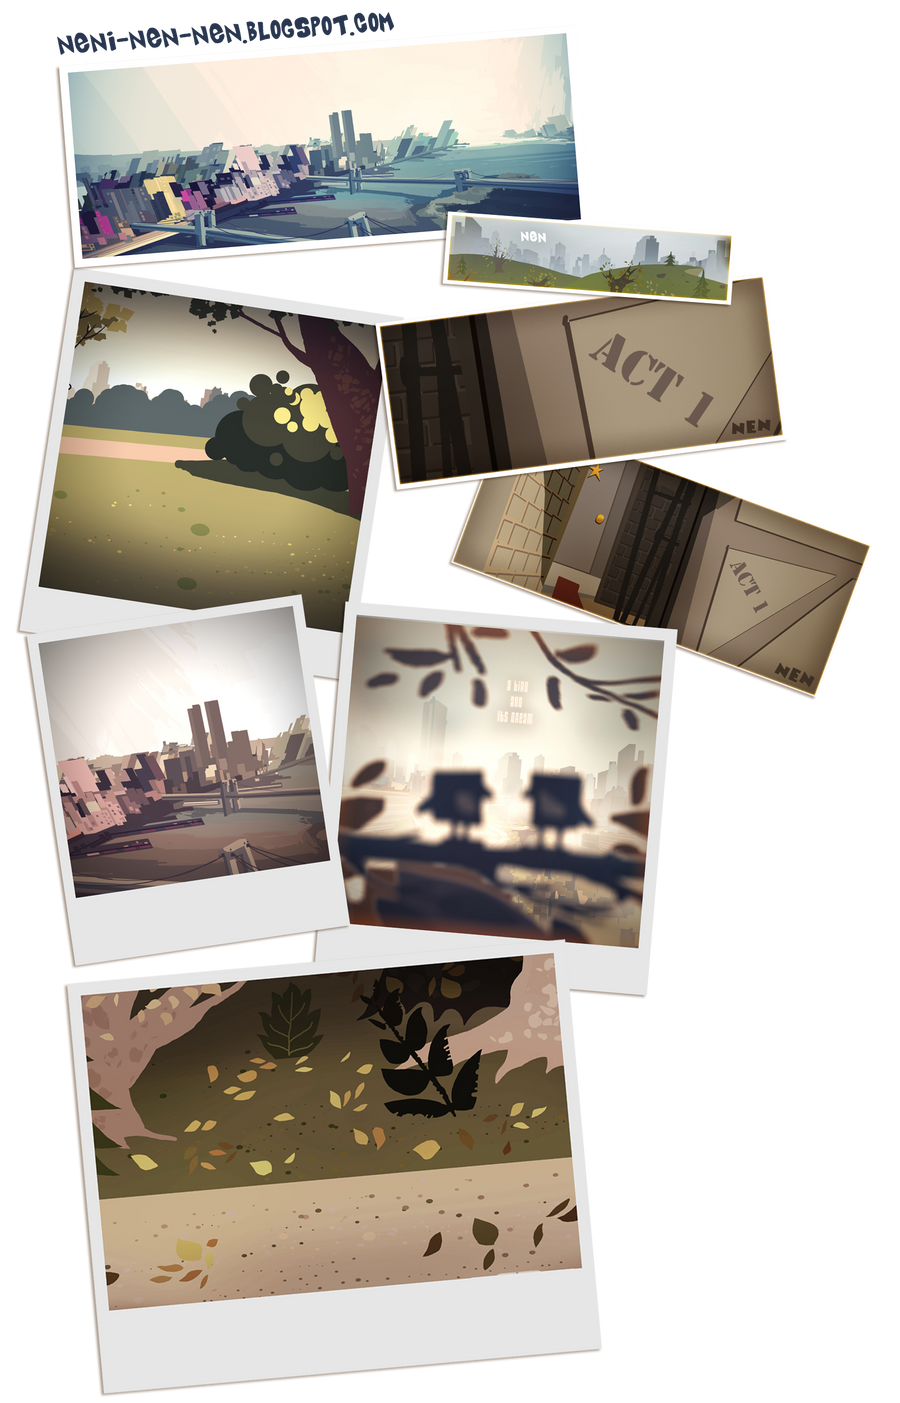 resent scrap pics from my blog by nennnnnn